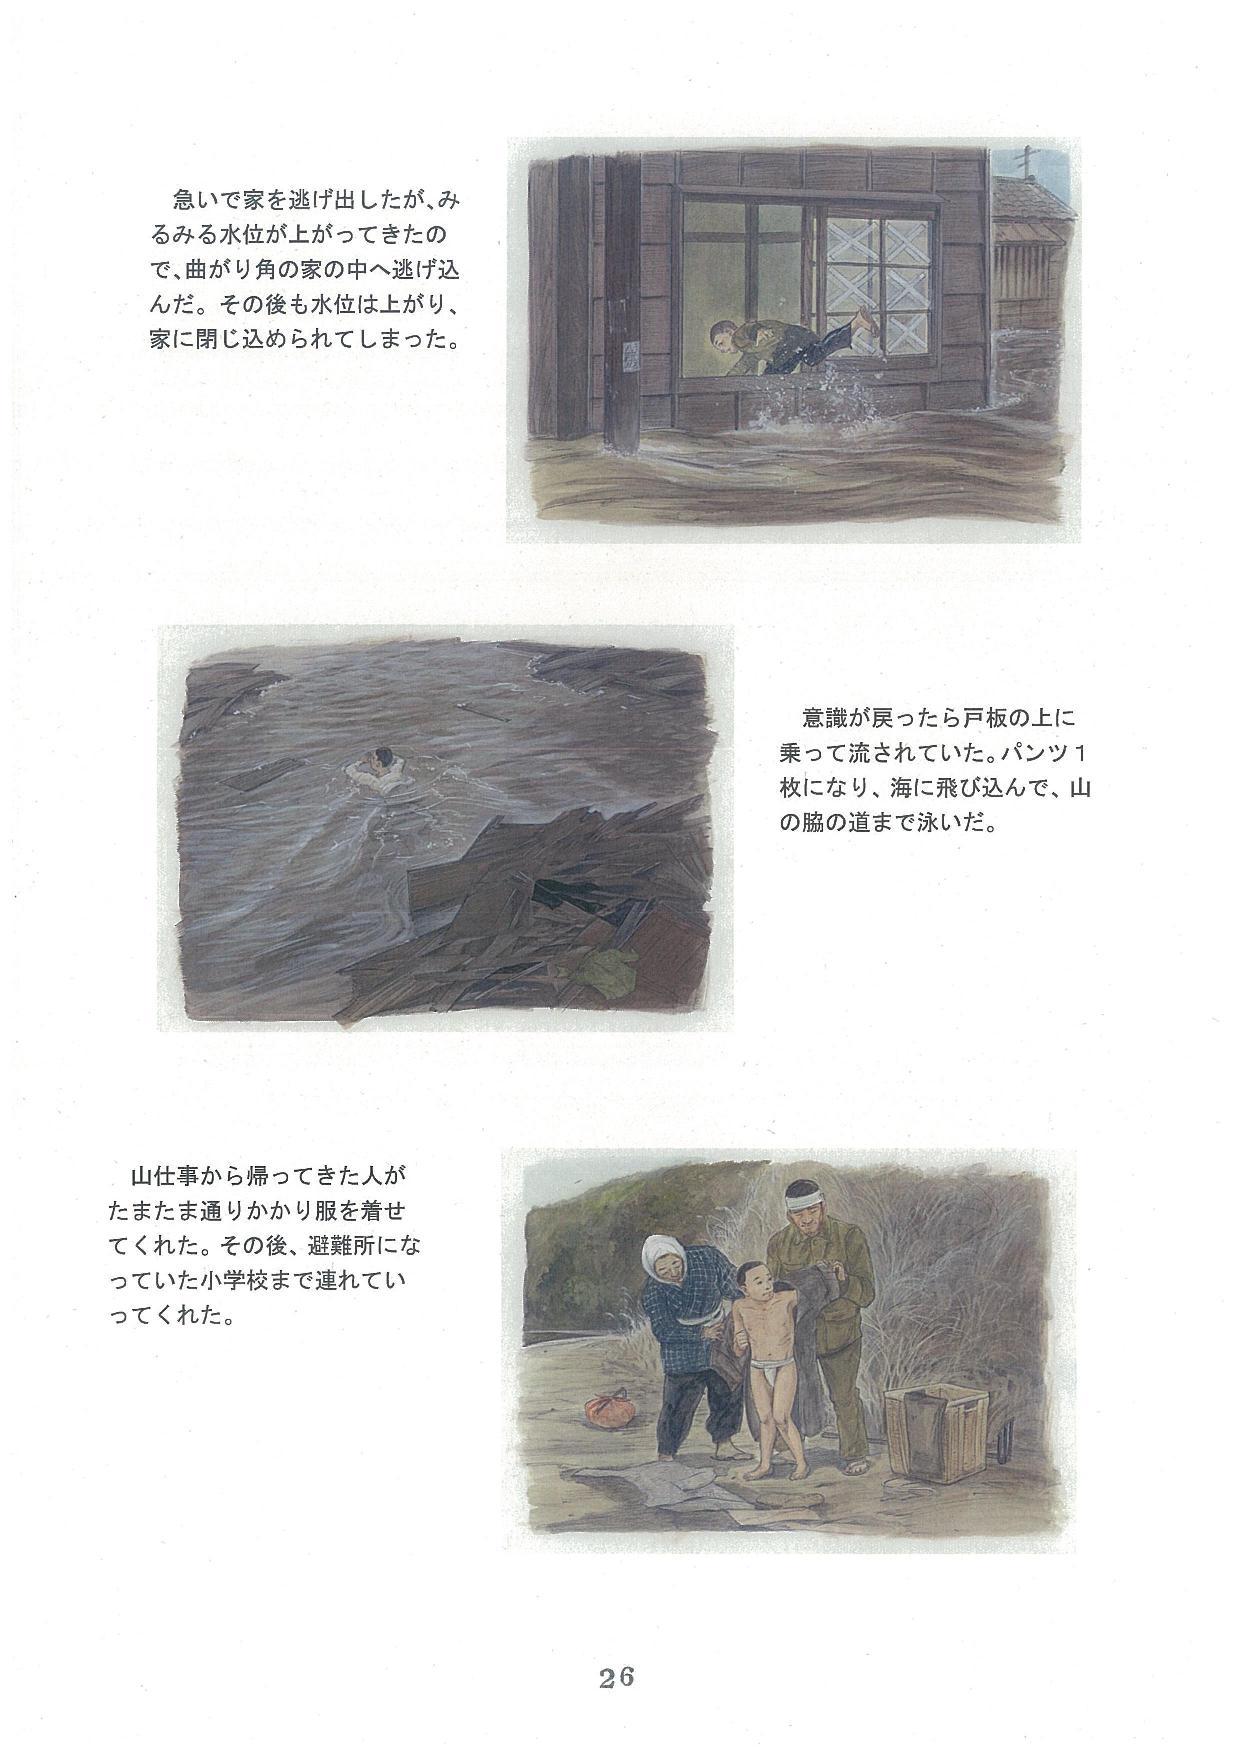 20171208-02_ページ_26